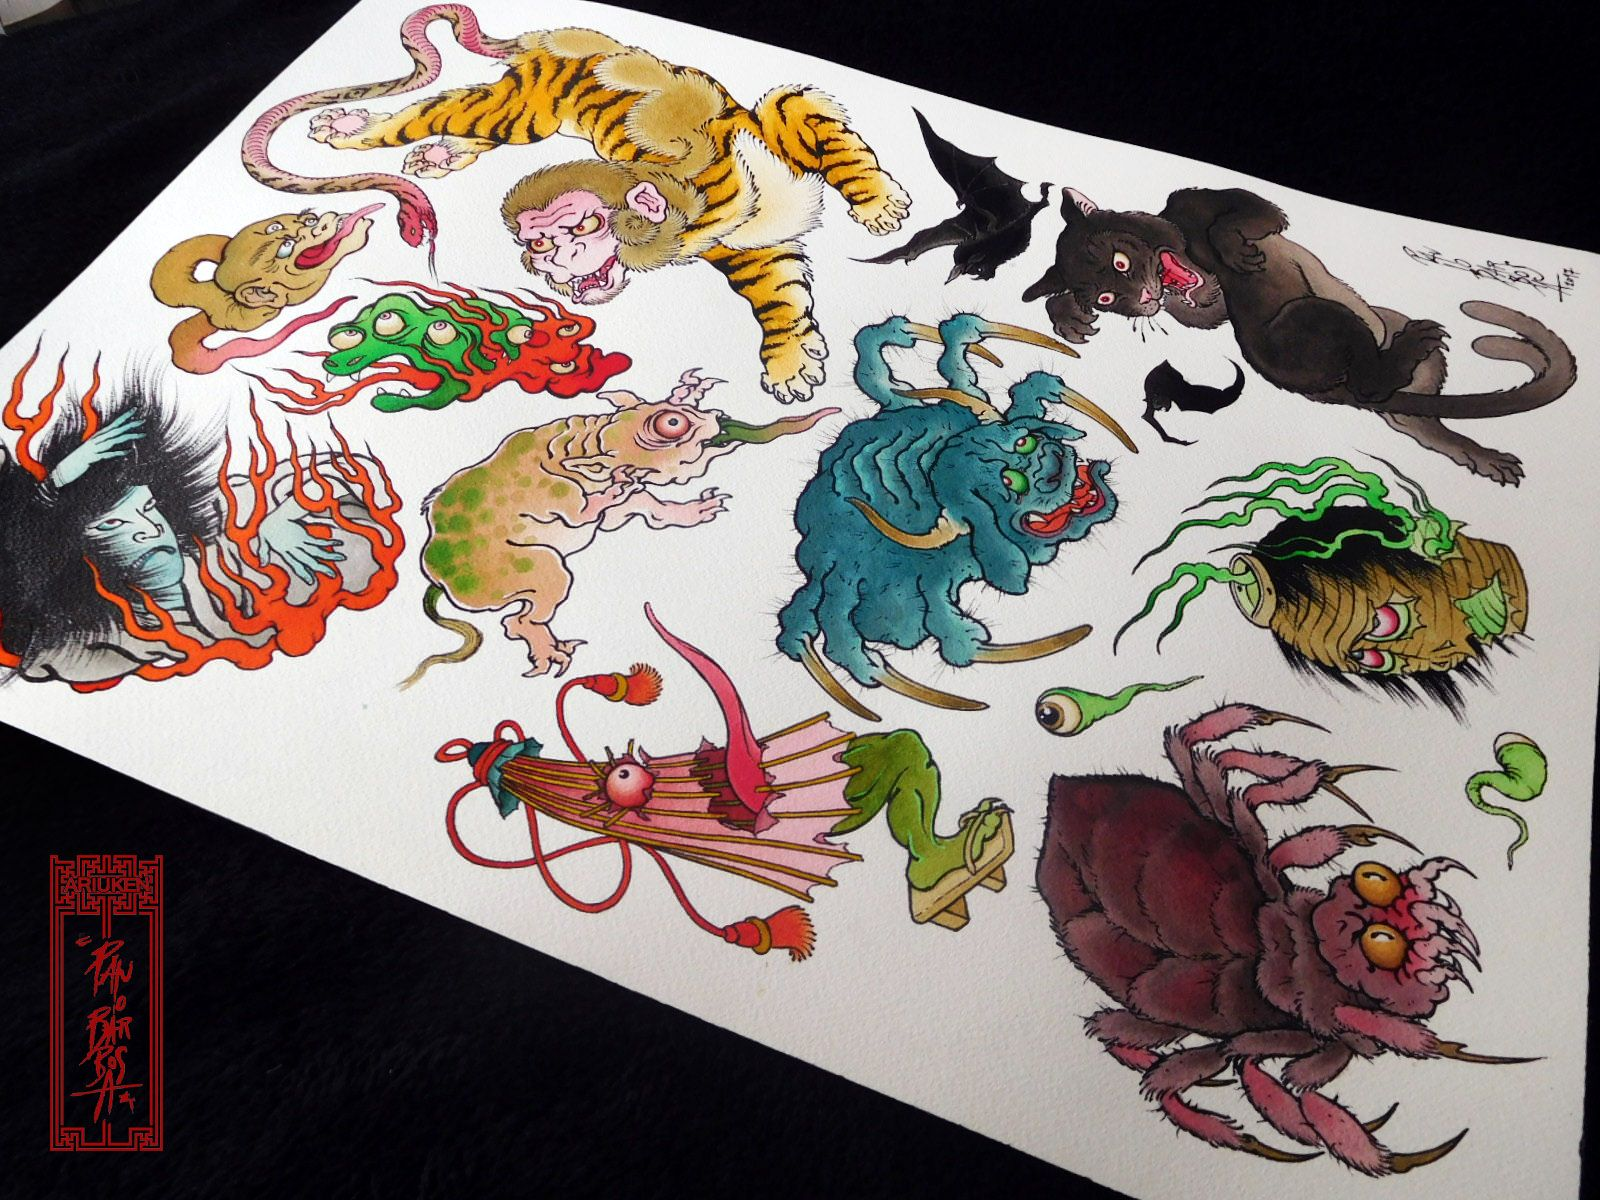 Miabara Tattoos